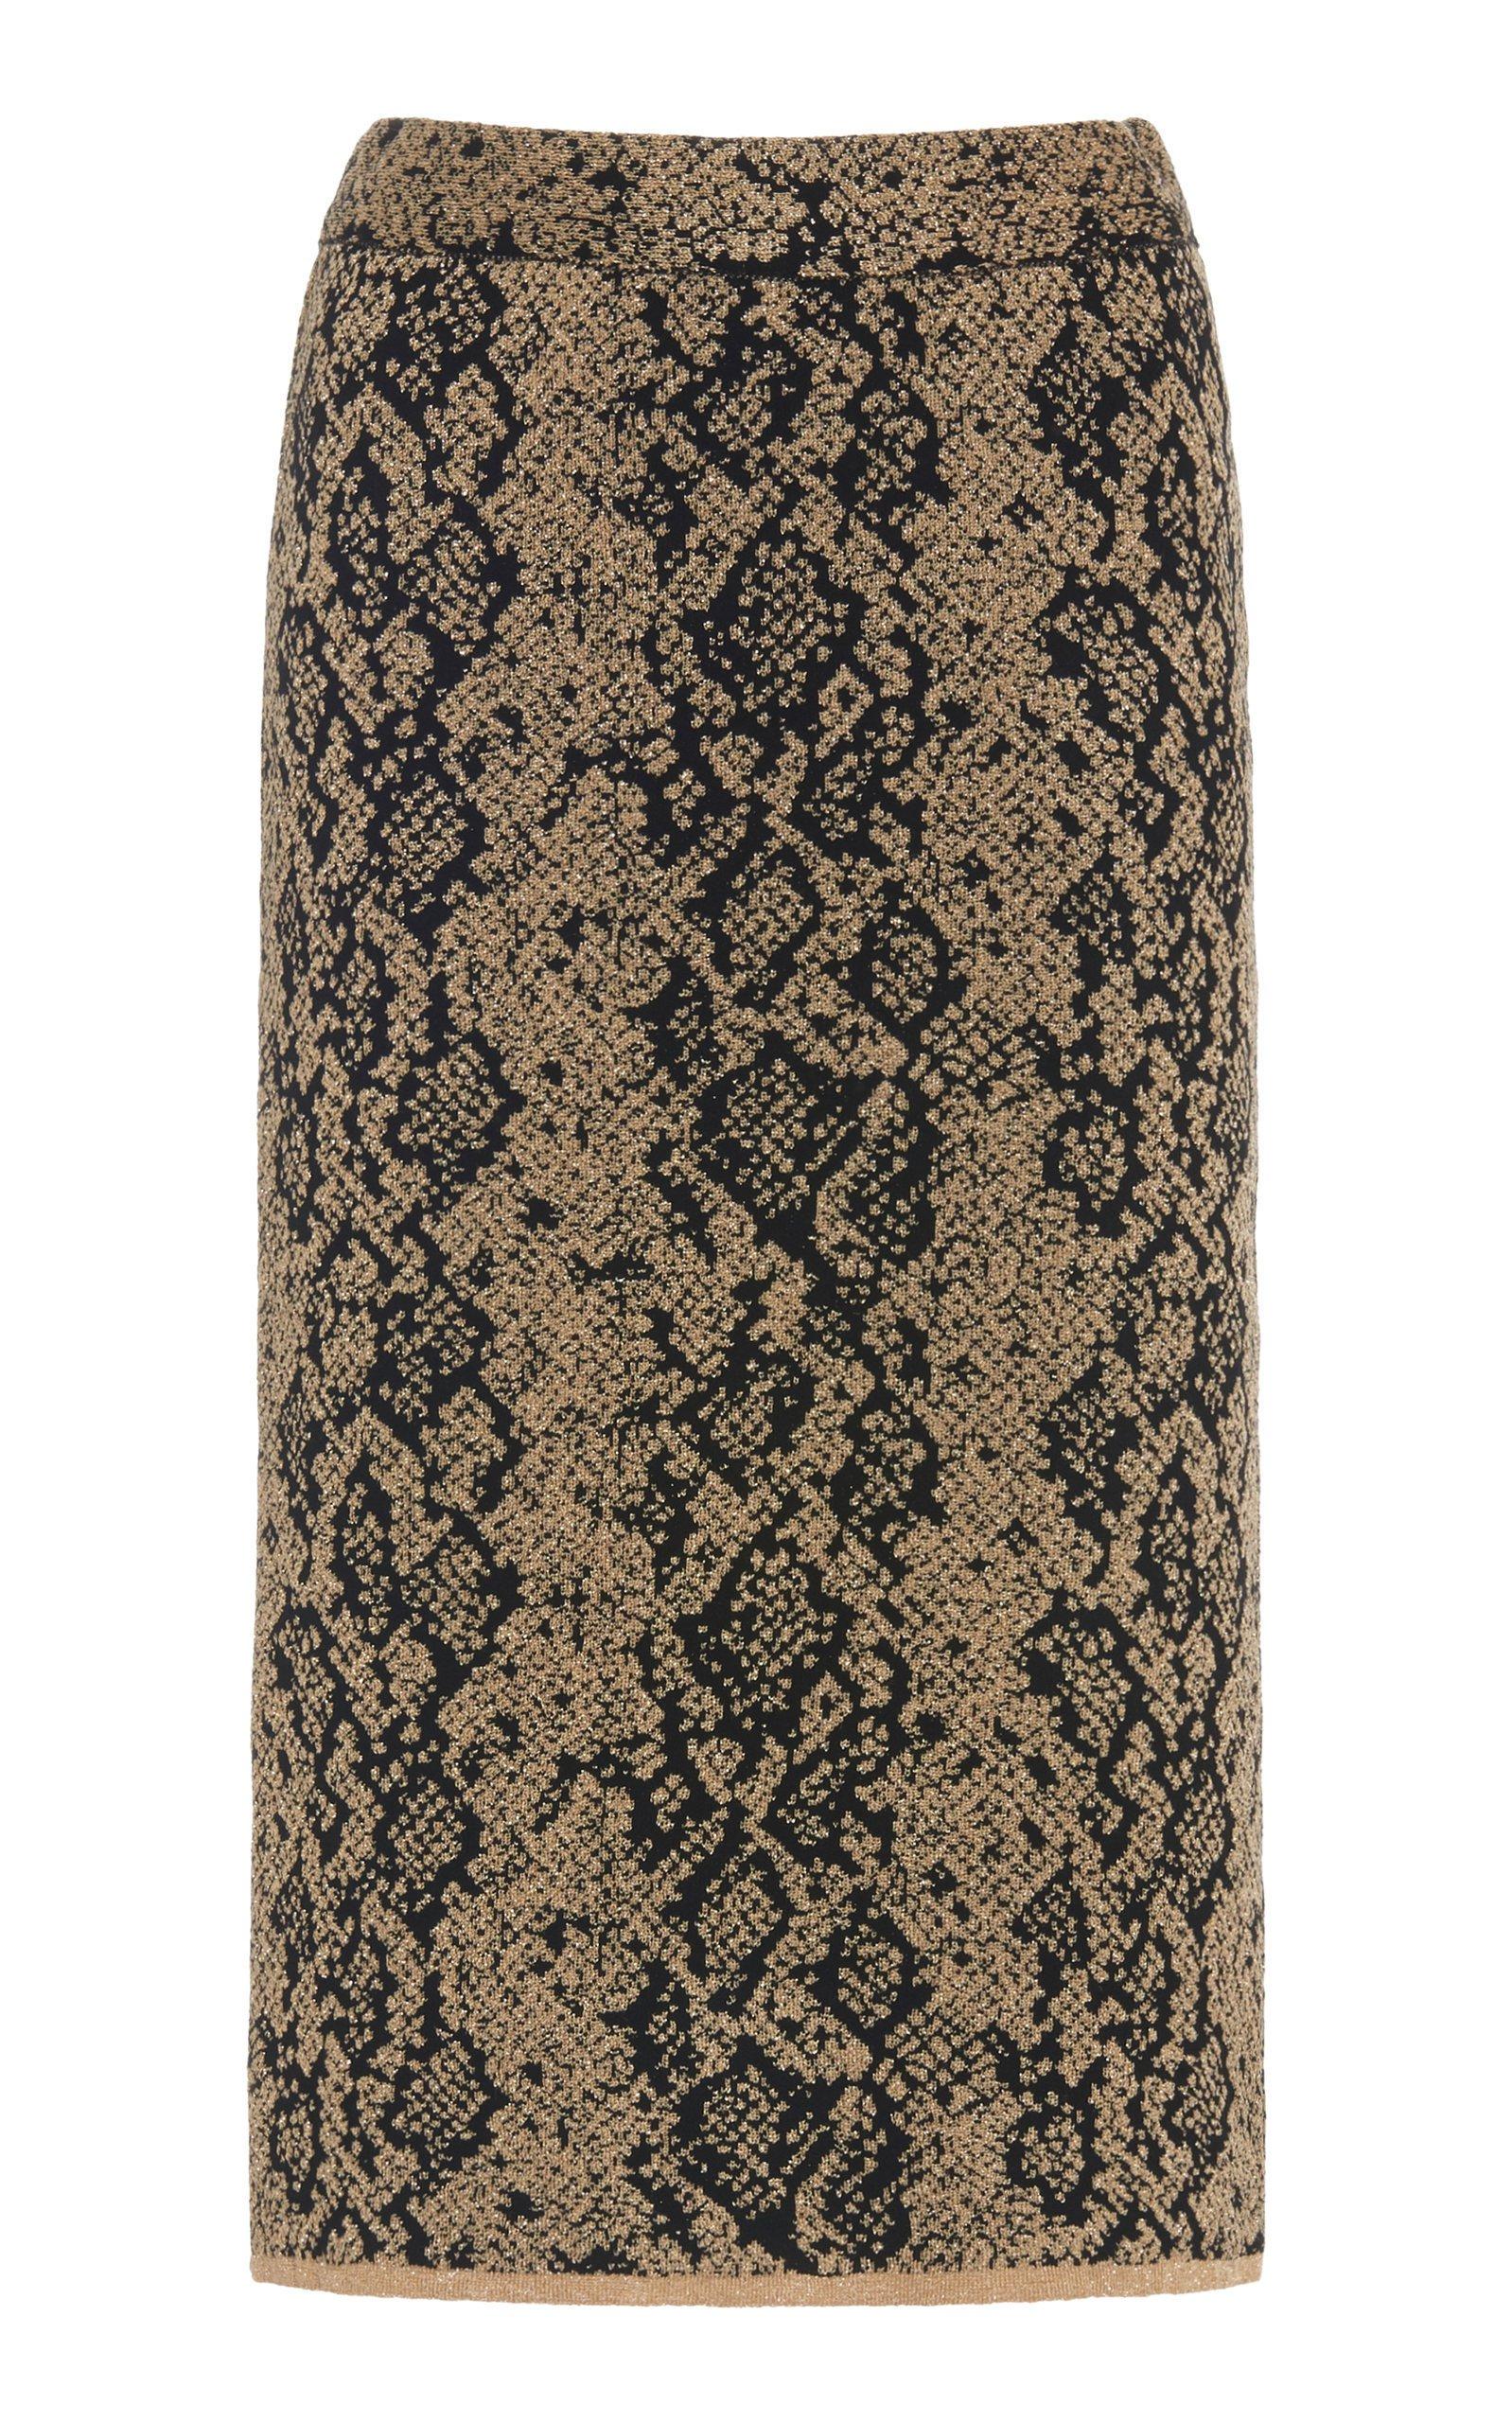 Dundas Printed Jersey Pencil Skirt Size: 44